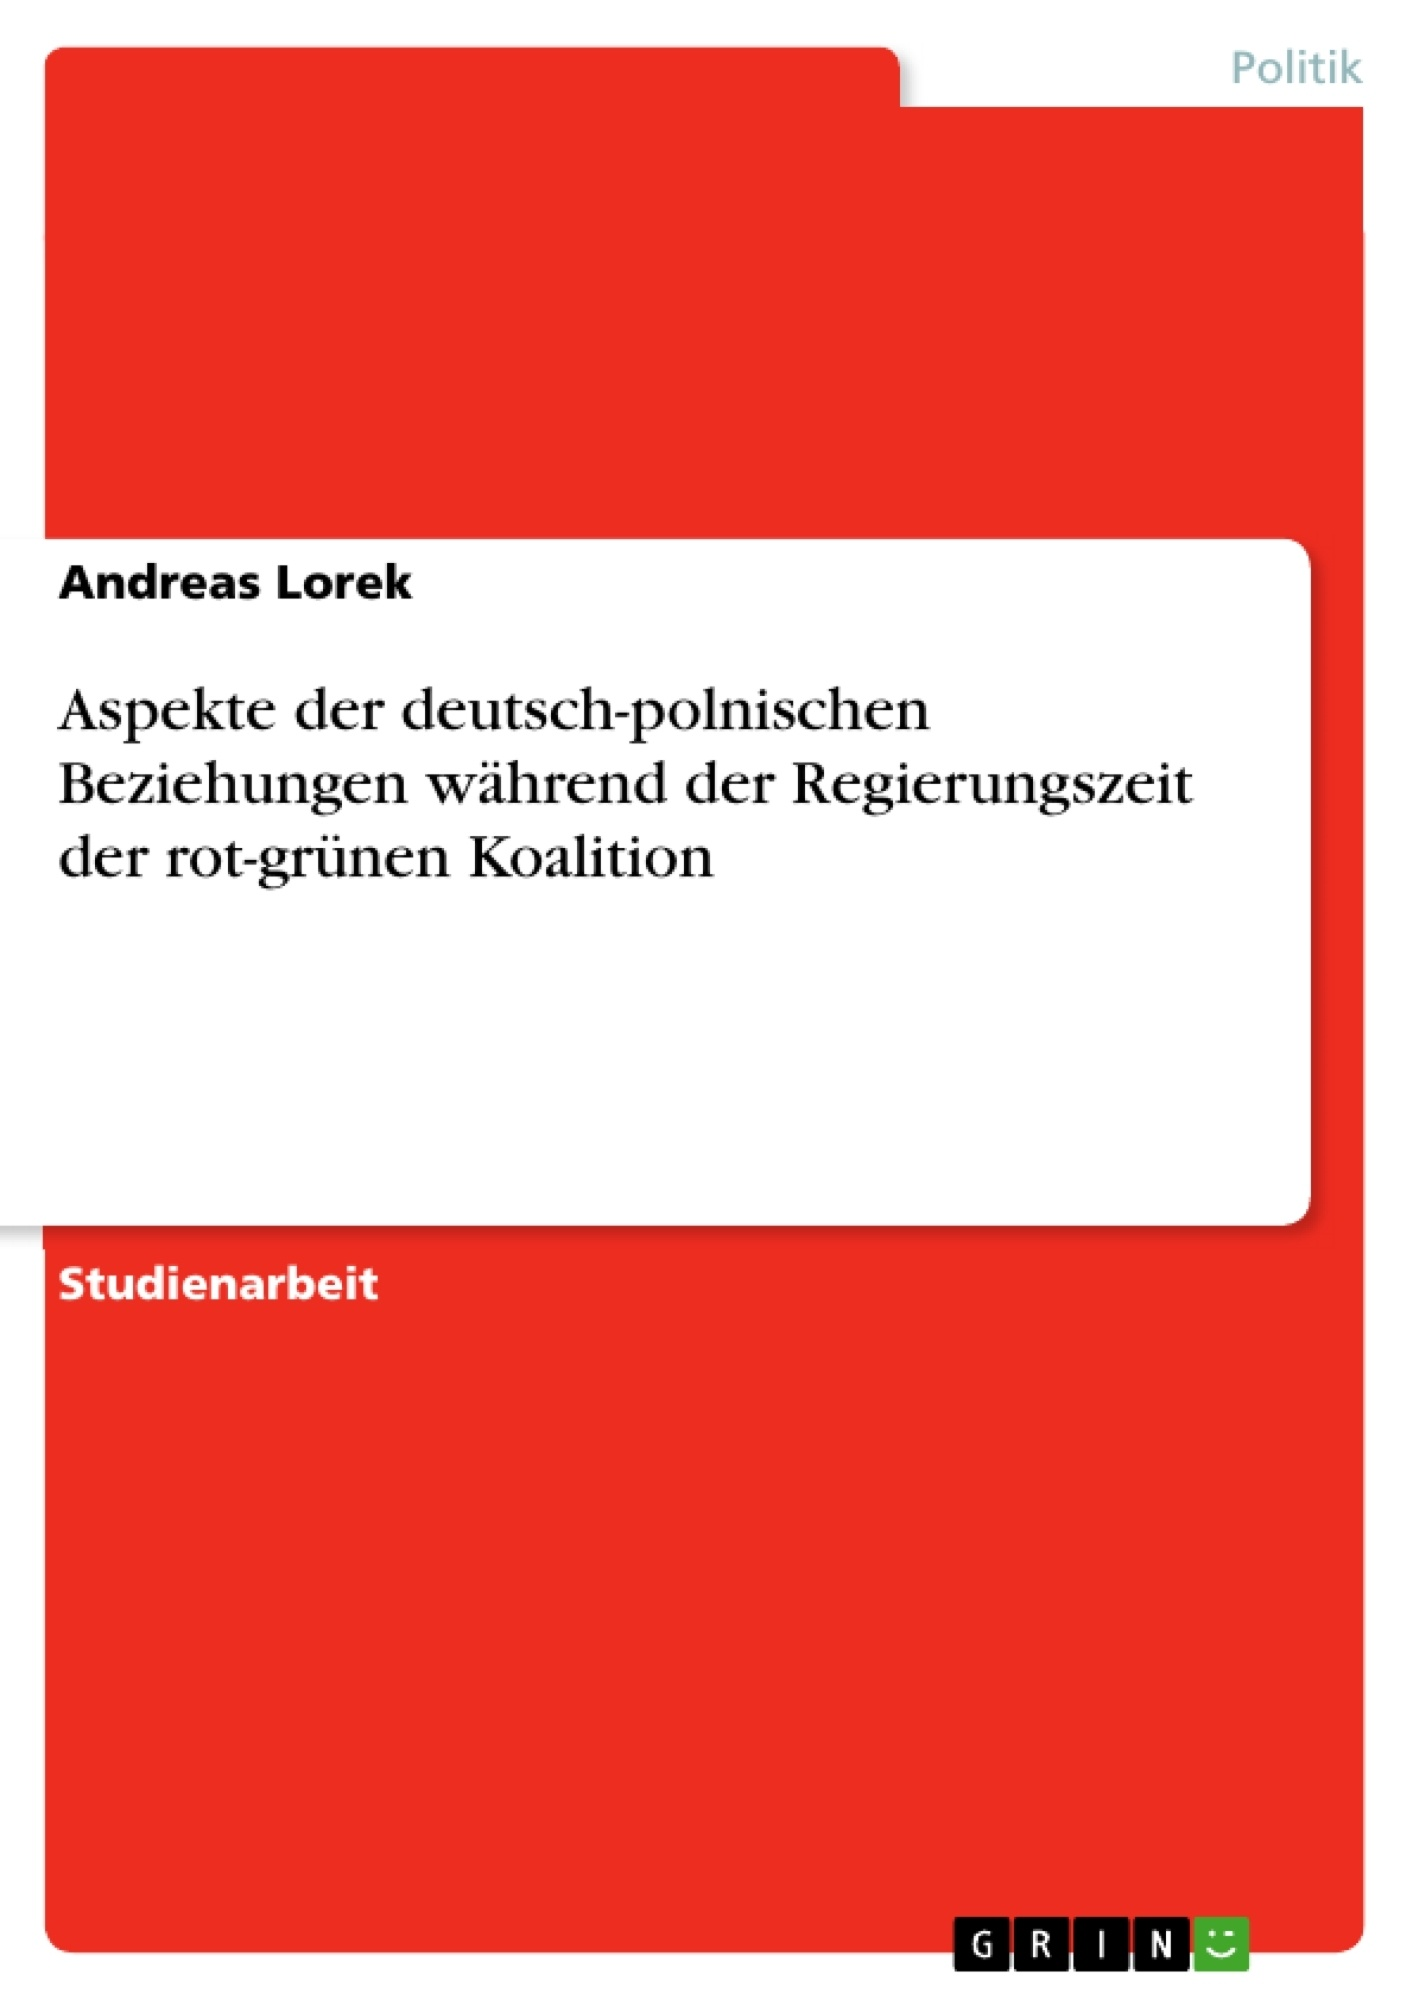 Titel: Aspekte der deutsch-polnischen Beziehungen während der Regierungszeit der rot-grünen Koalition